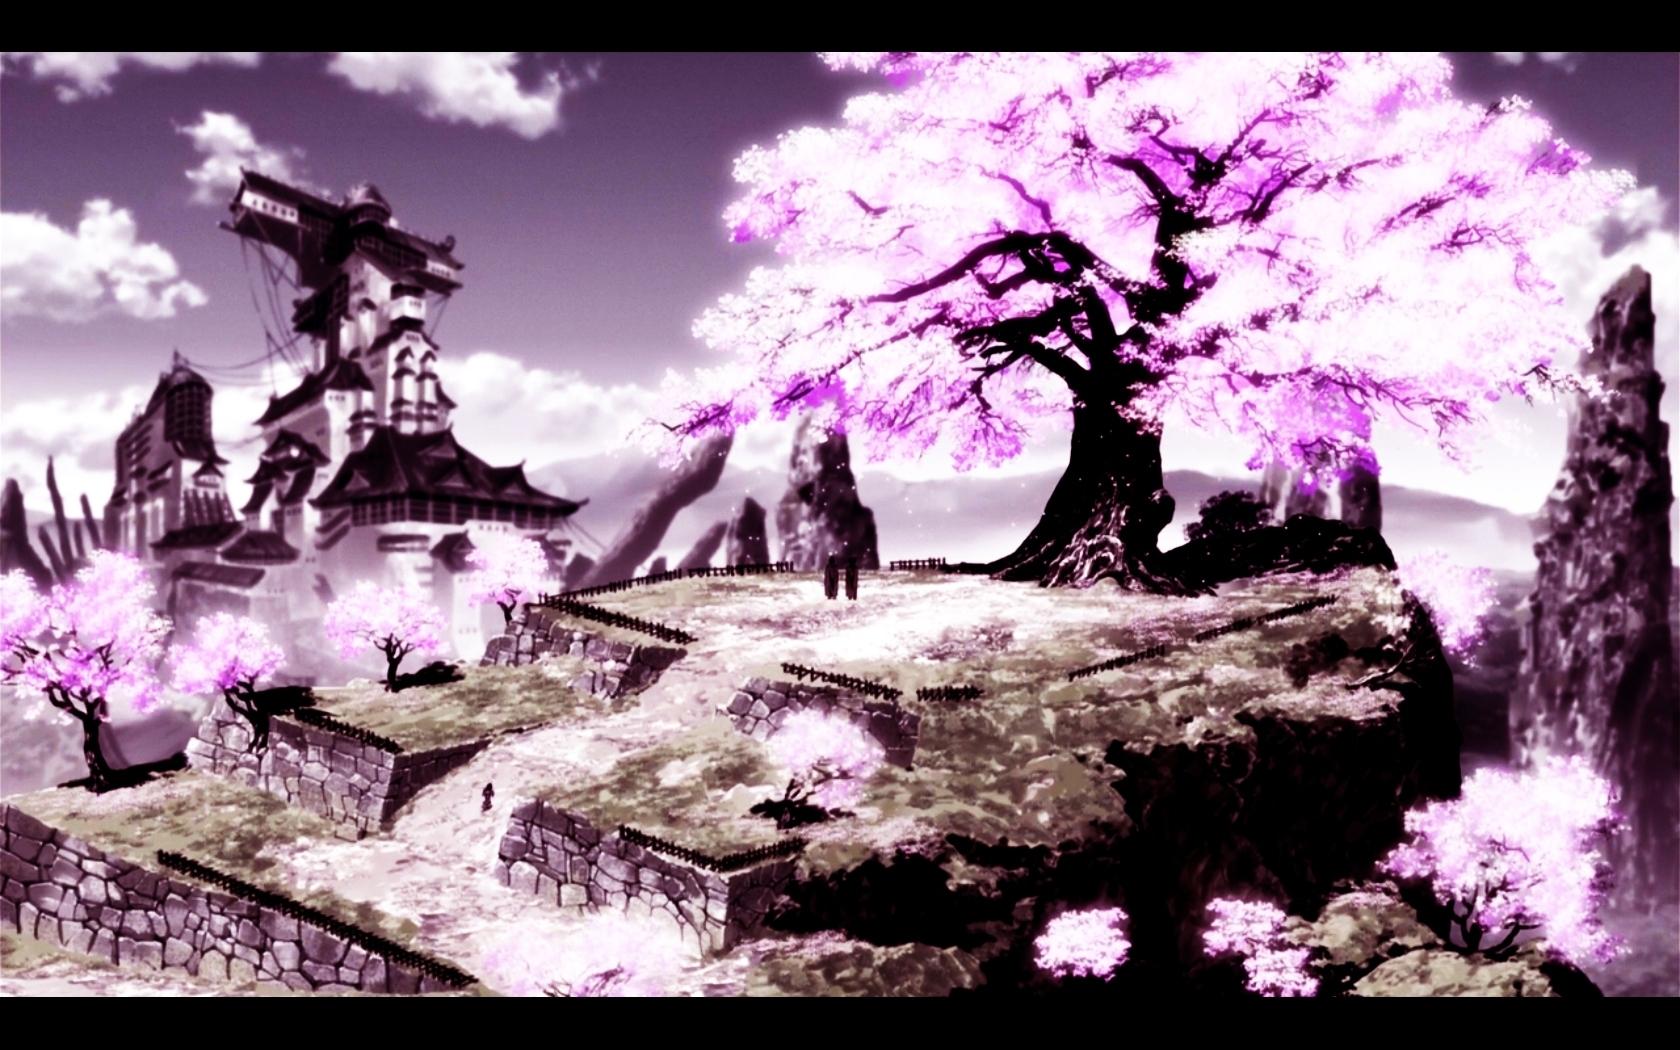 26042 descargar fondo de pantalla Anime, Paisaje, Árboles: protectores de pantalla e imágenes gratis